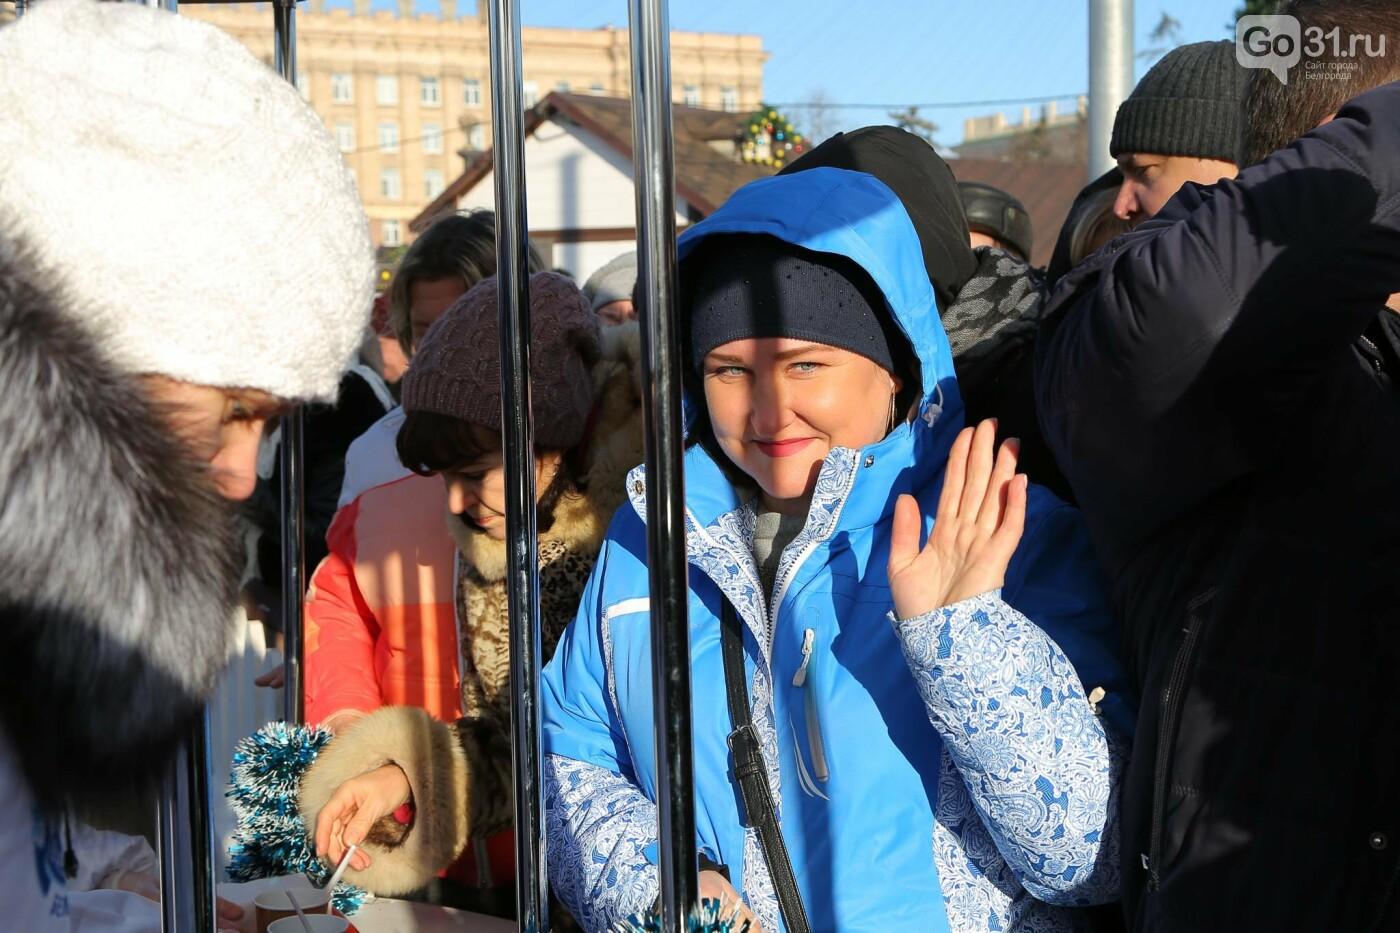 Дегустация, гастрономический парад, спецтроллейбус. В Белгороде прошёл фестиваль вареников, фото-1